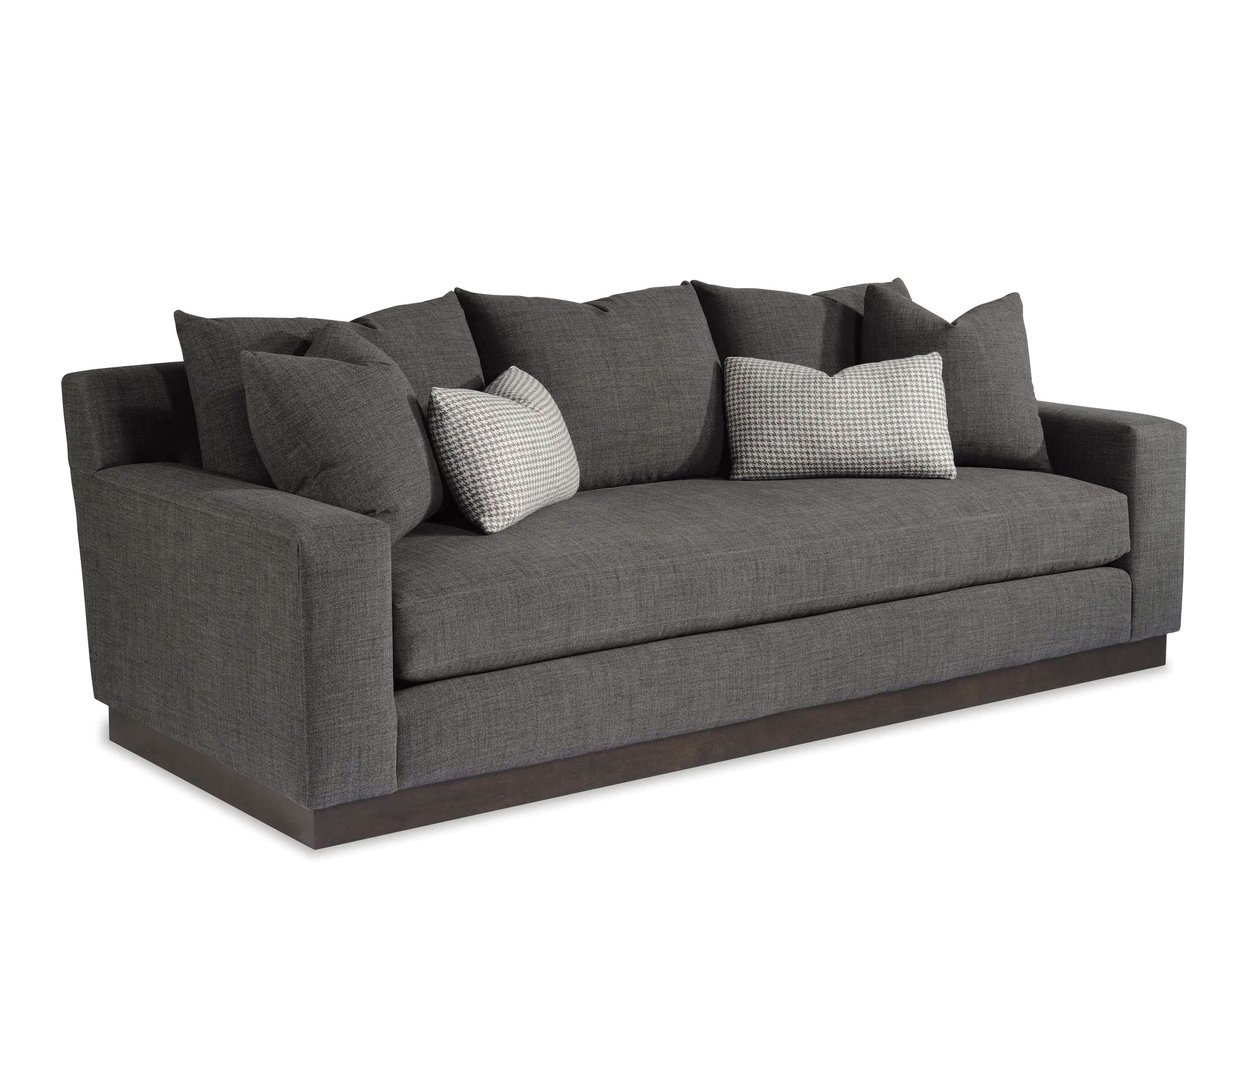 Eaton Sofa Image